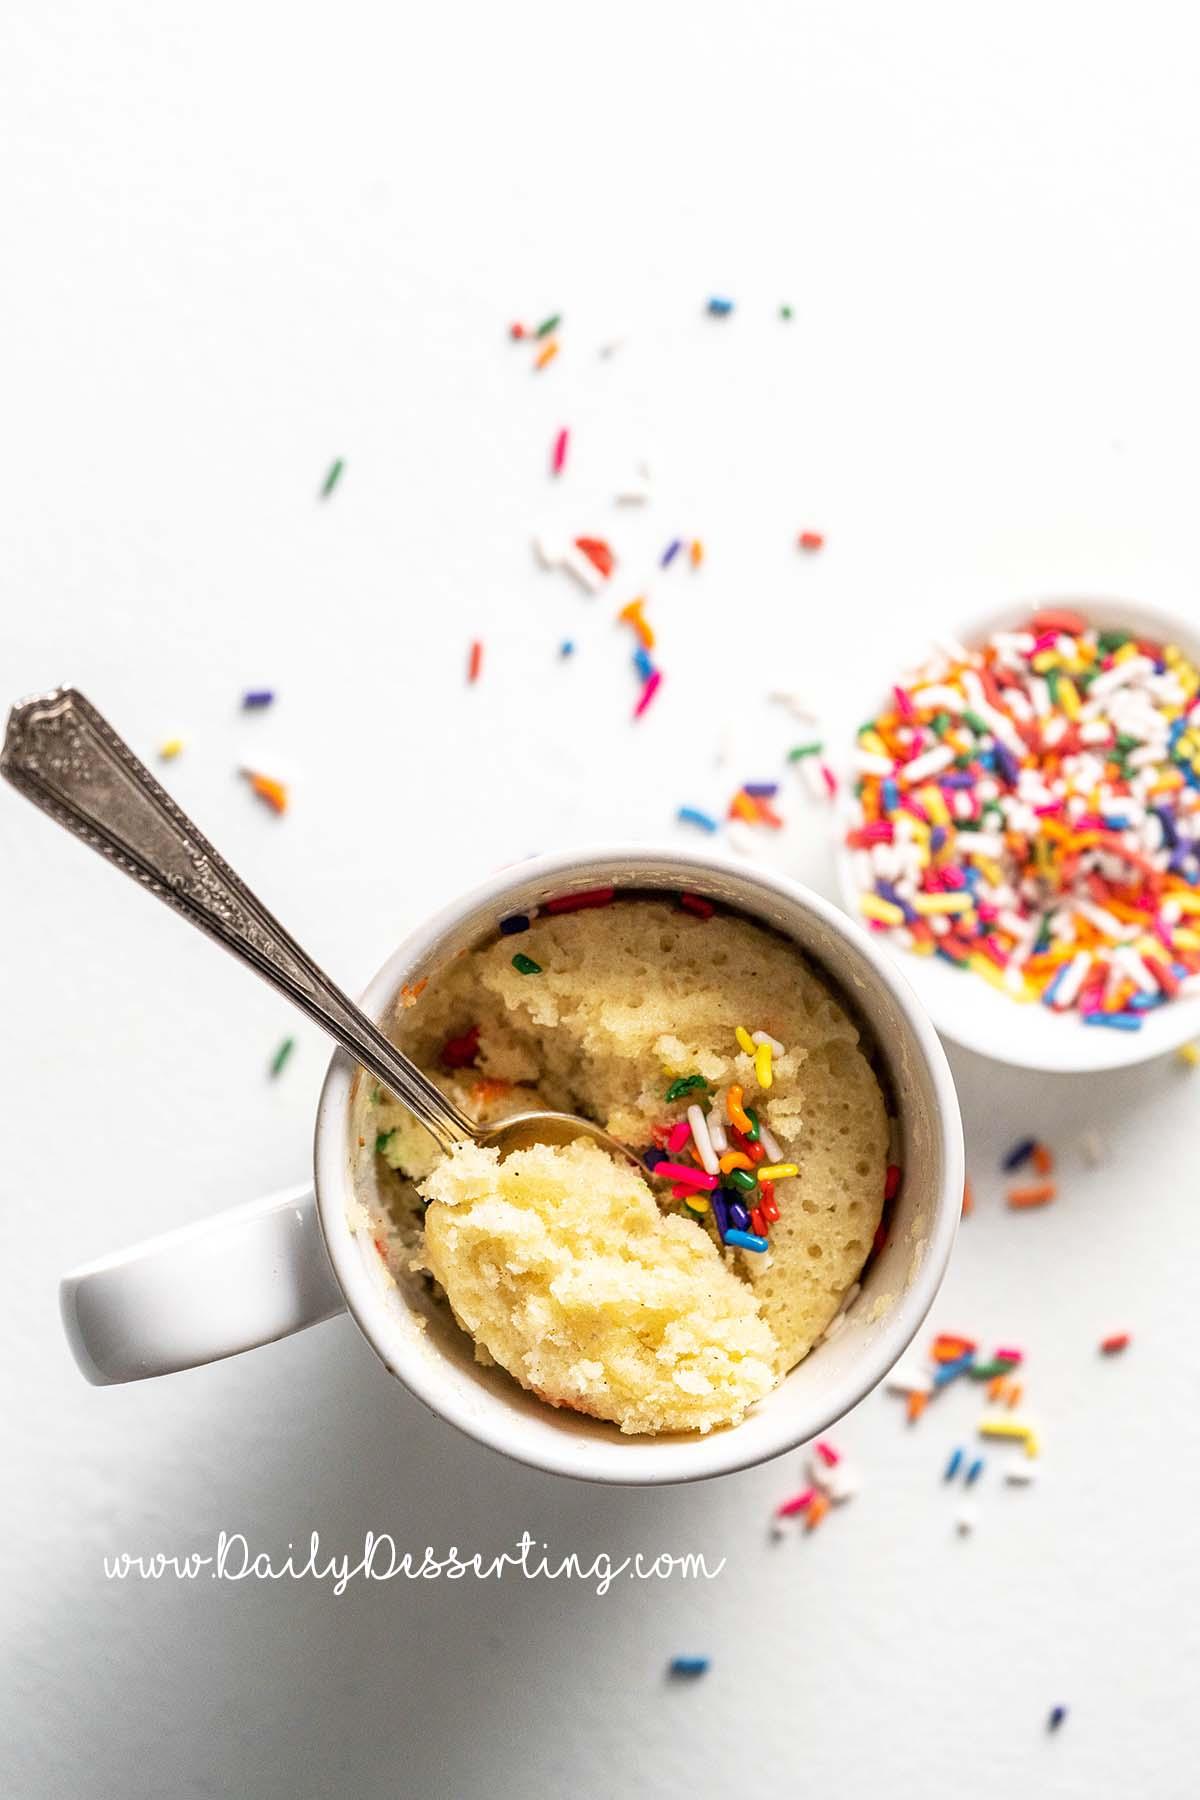 vanilla mug cake recipe made without eggs